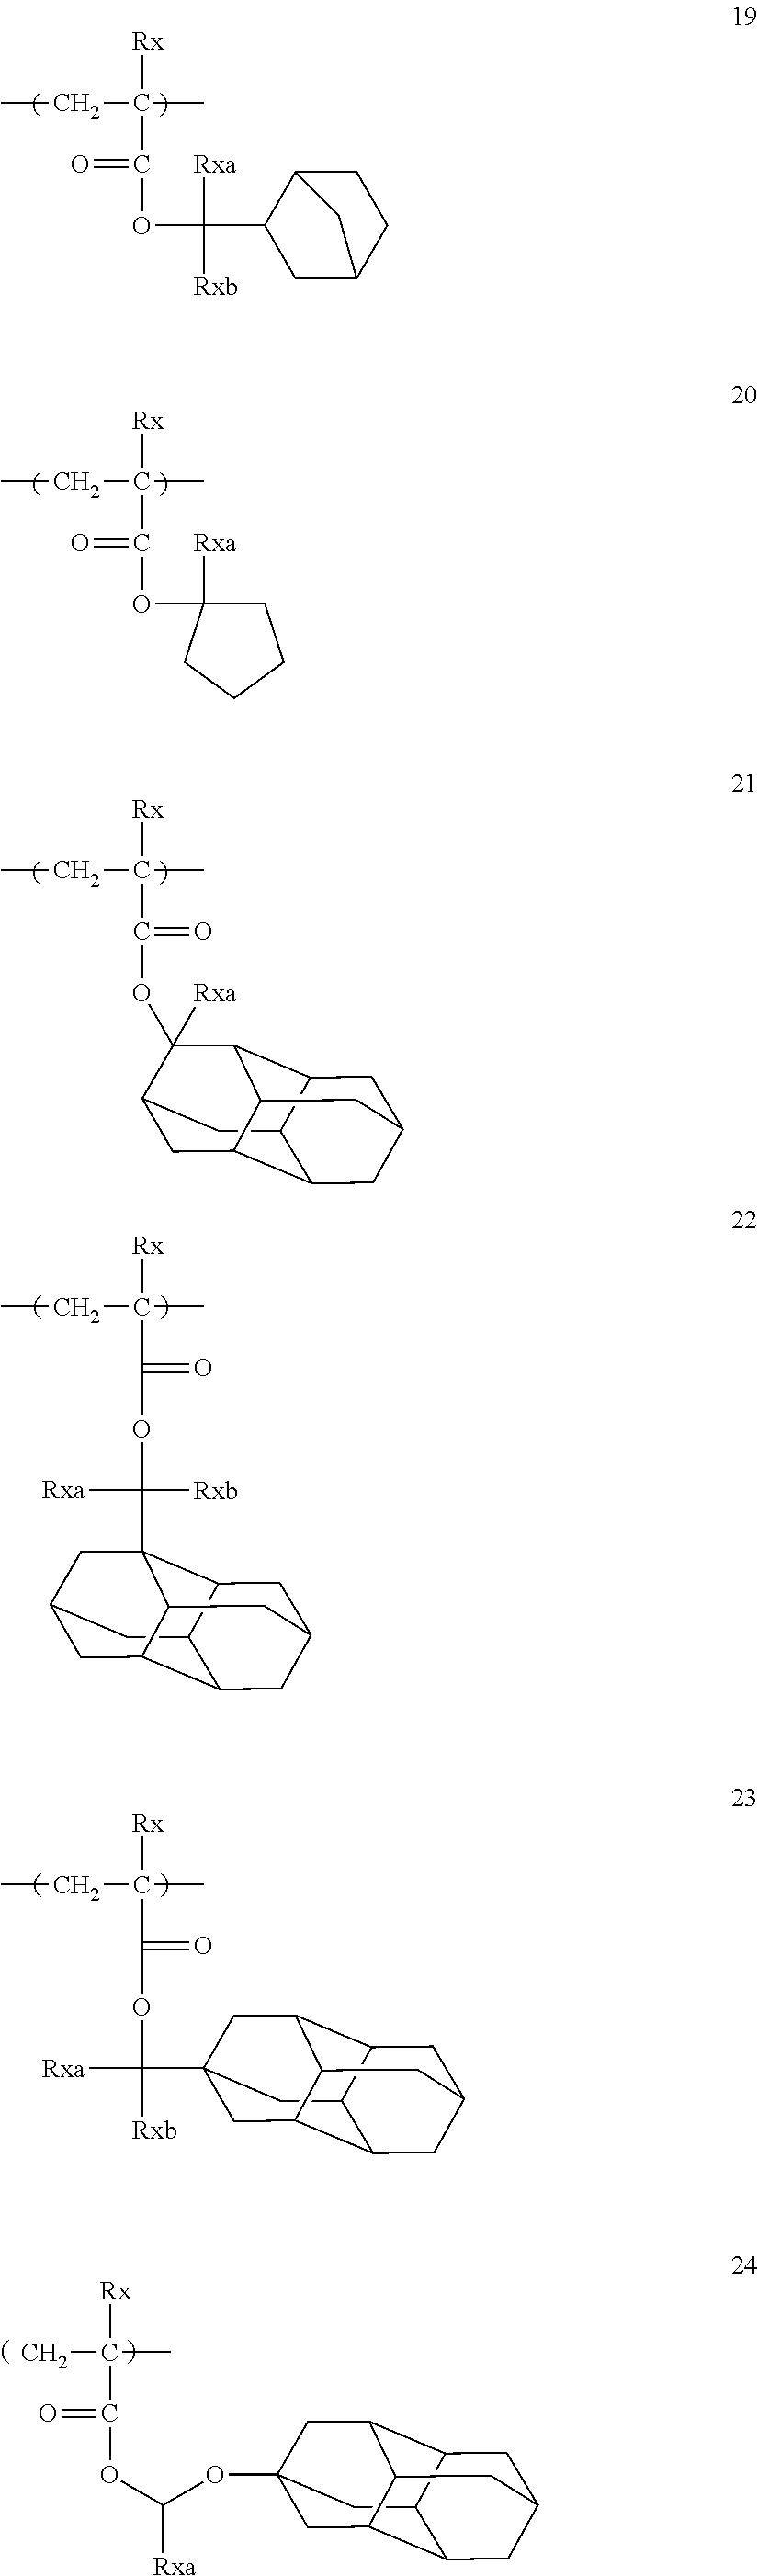 Figure US08476001-20130702-C00017